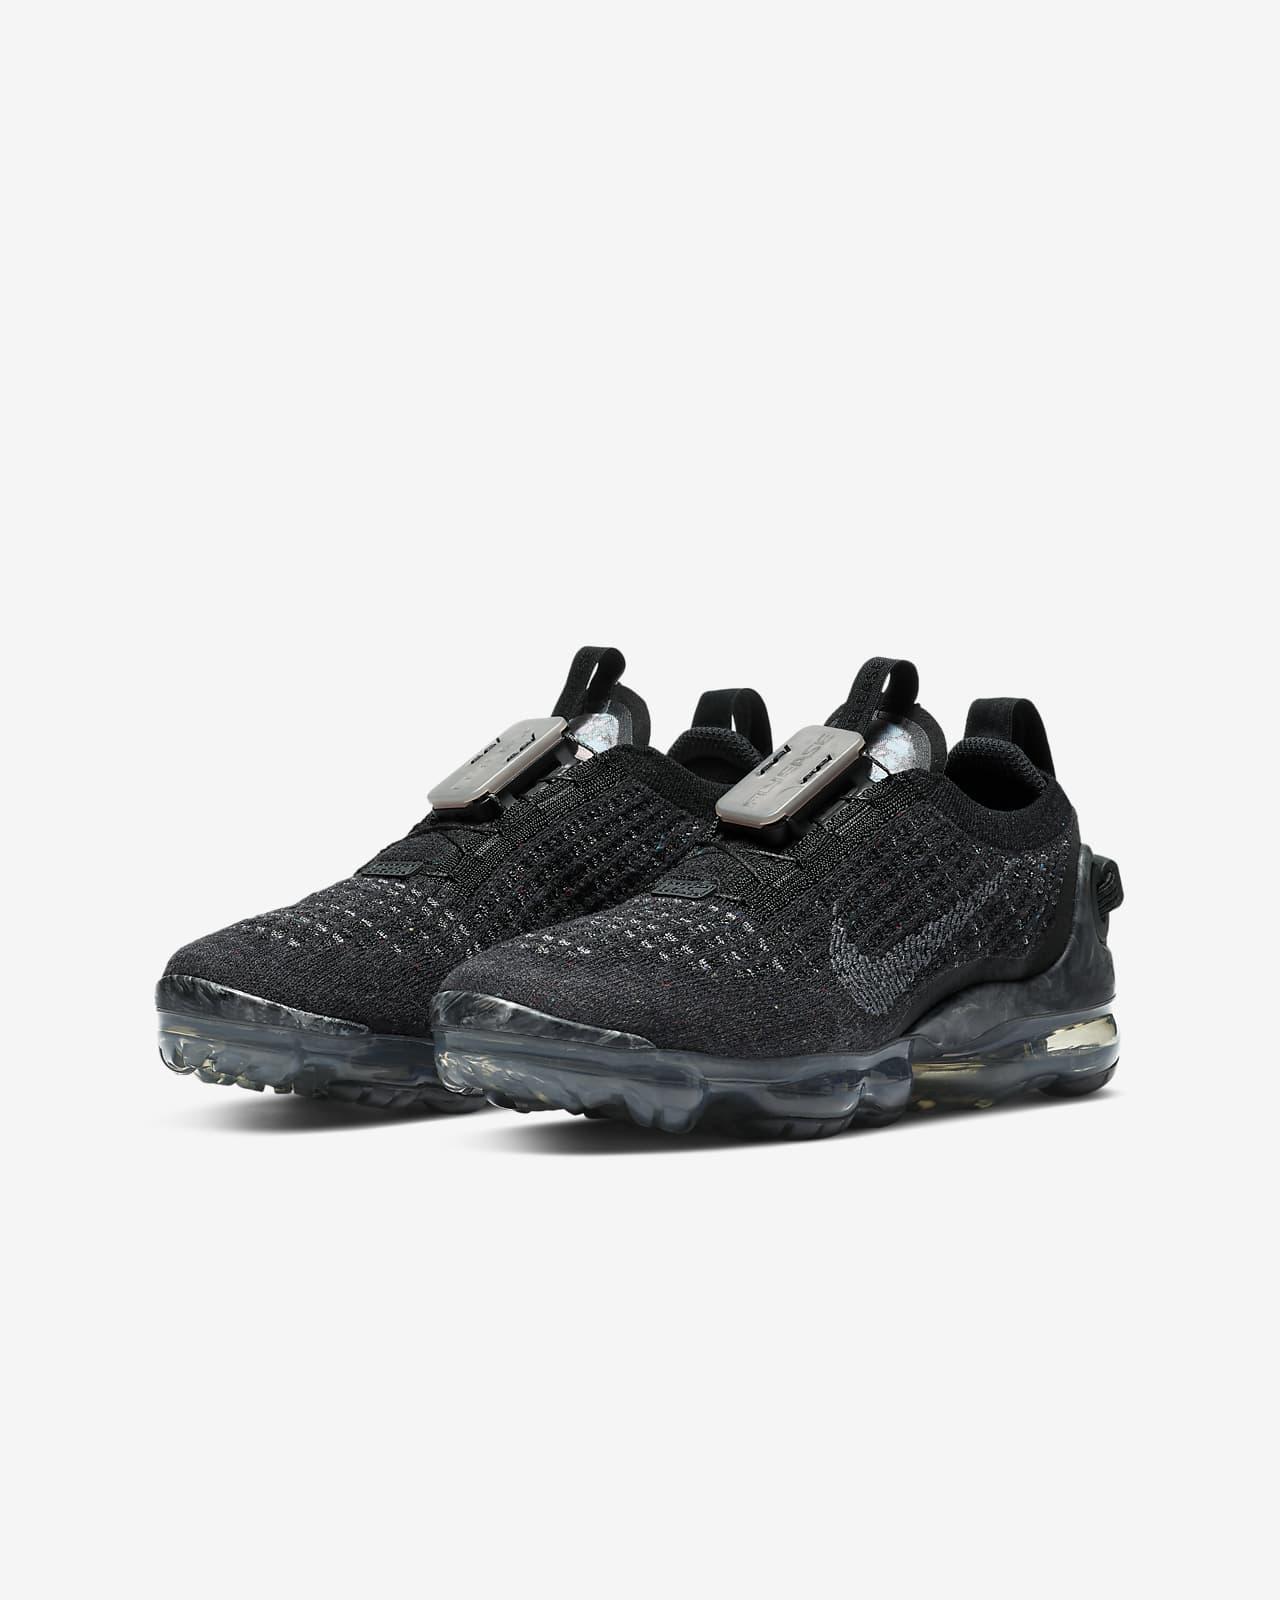 Chaussure Nike Air VaporMax 2020 pour Enfant plus âgé. Nike LU